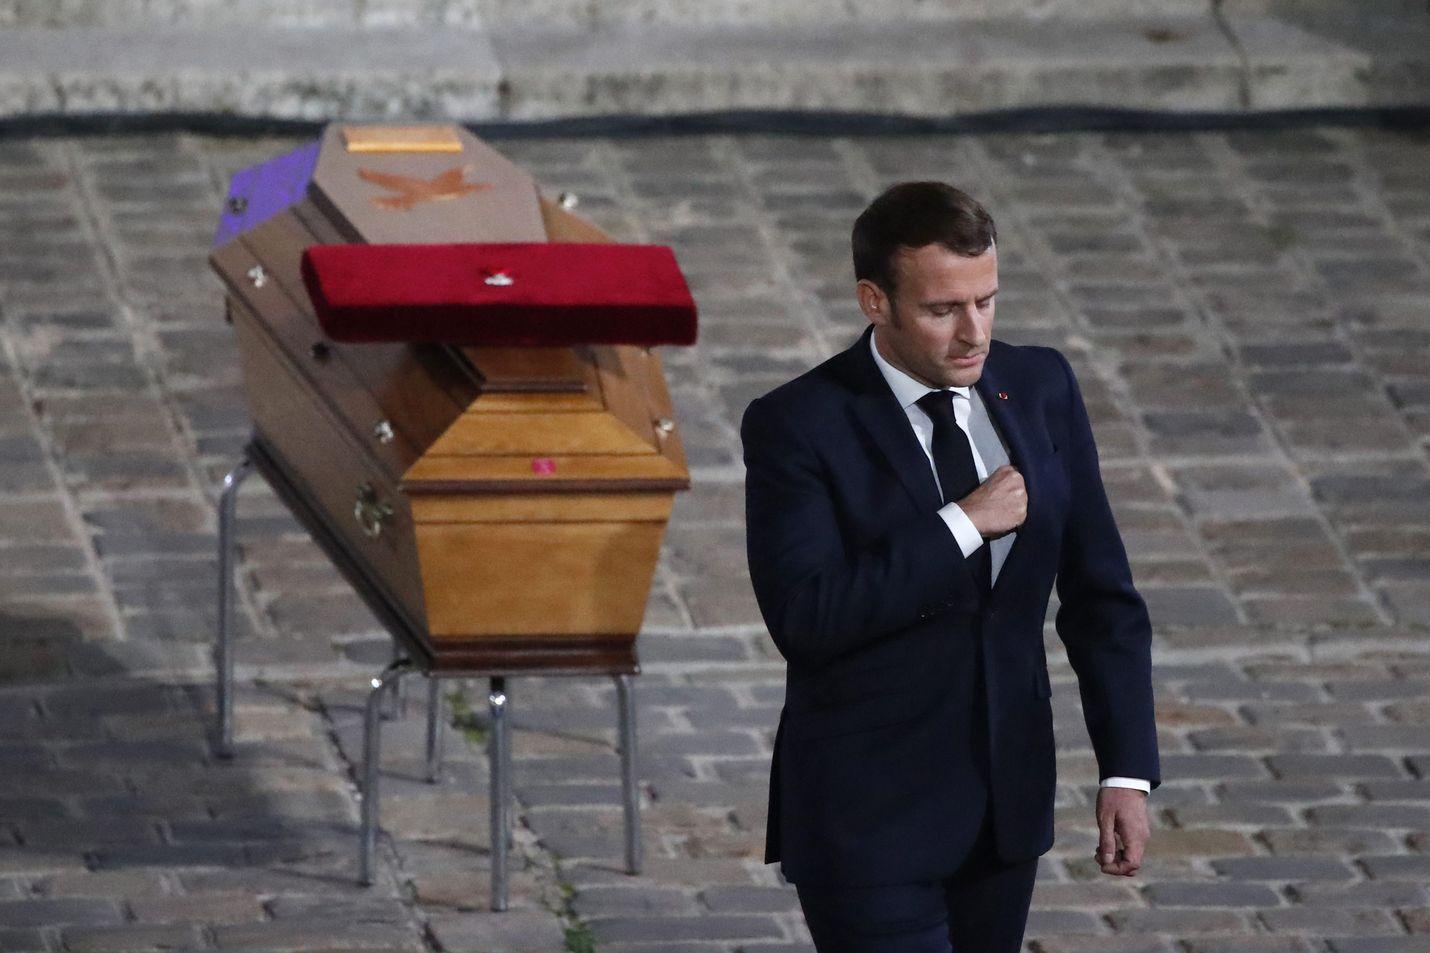 Ranskan presidentti Emmanuel Macron näytti silminnähden herkistyneeltä, kun hän puhui veitsi-iskussa murhatun opettajan muistotilaisuudessa Sorbonnen yliopistossa Pariisissa.